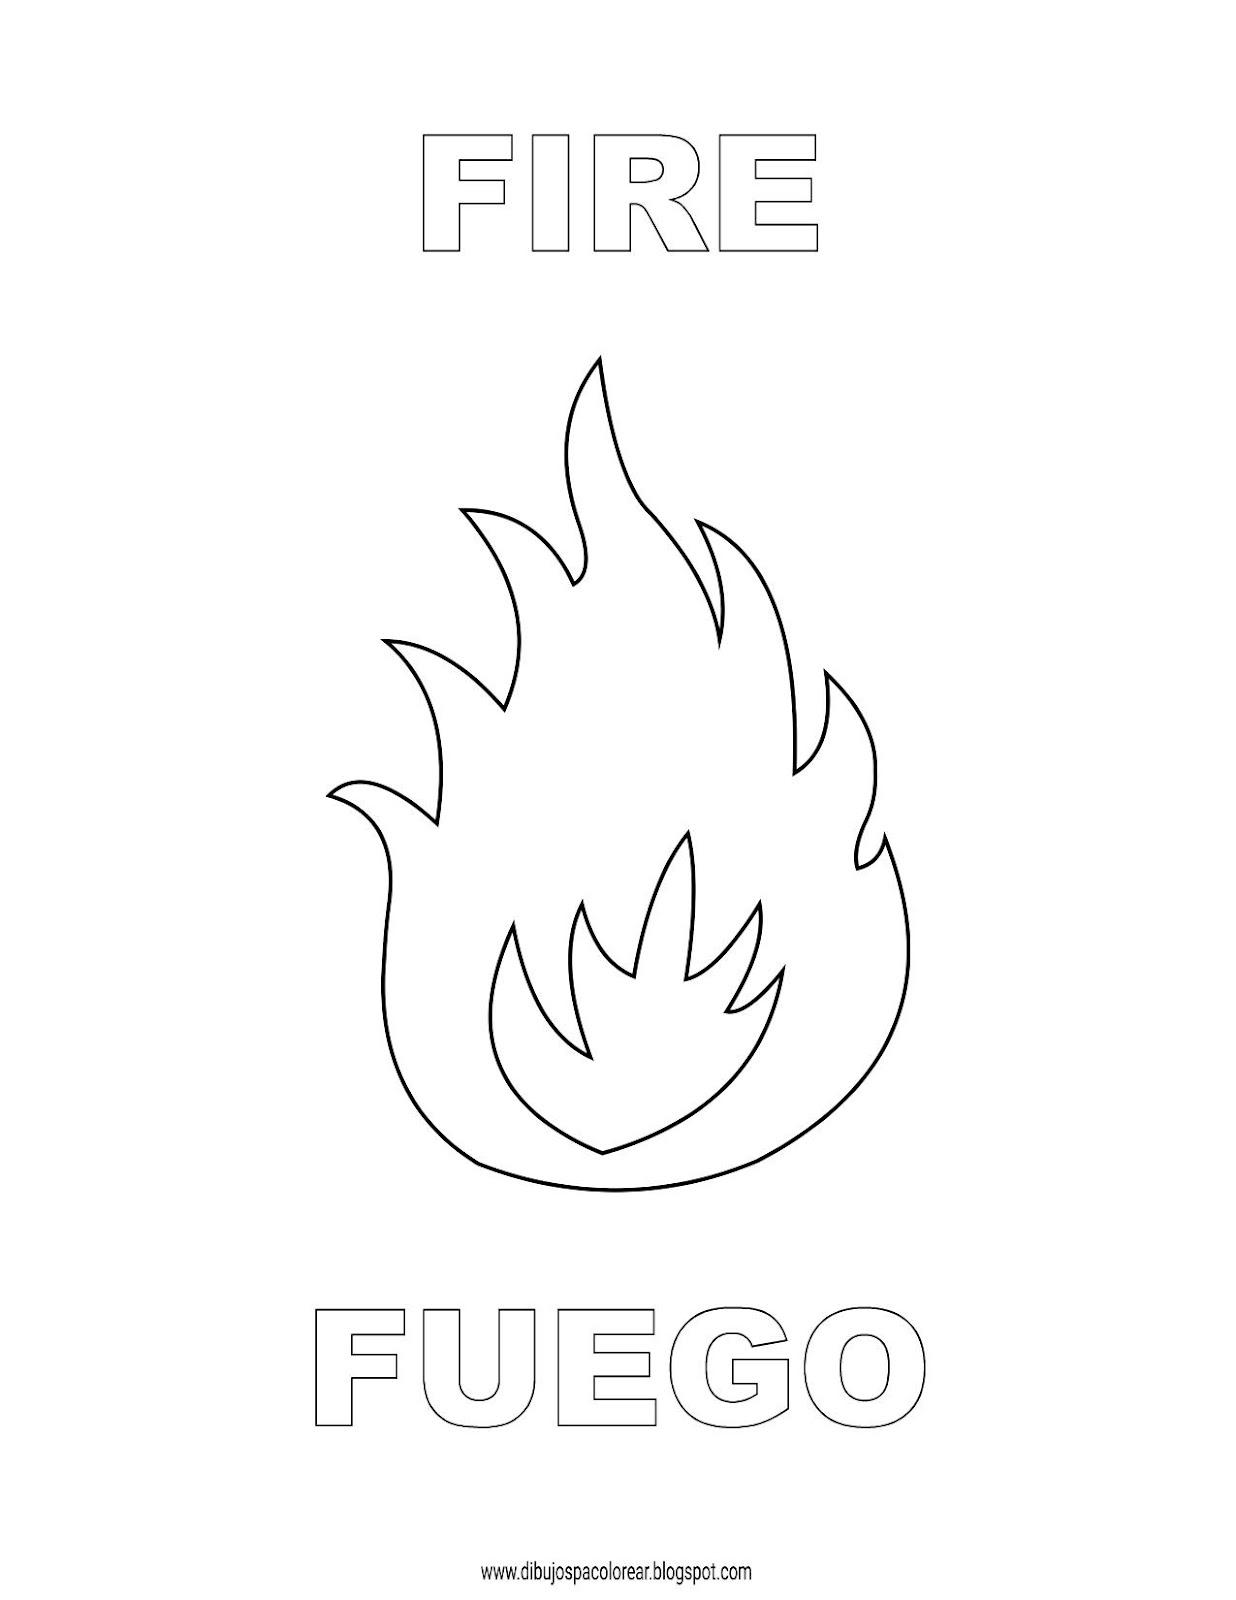 Dibujos Inglés Español Con F Fuego Fire Dibujospacolorearcom